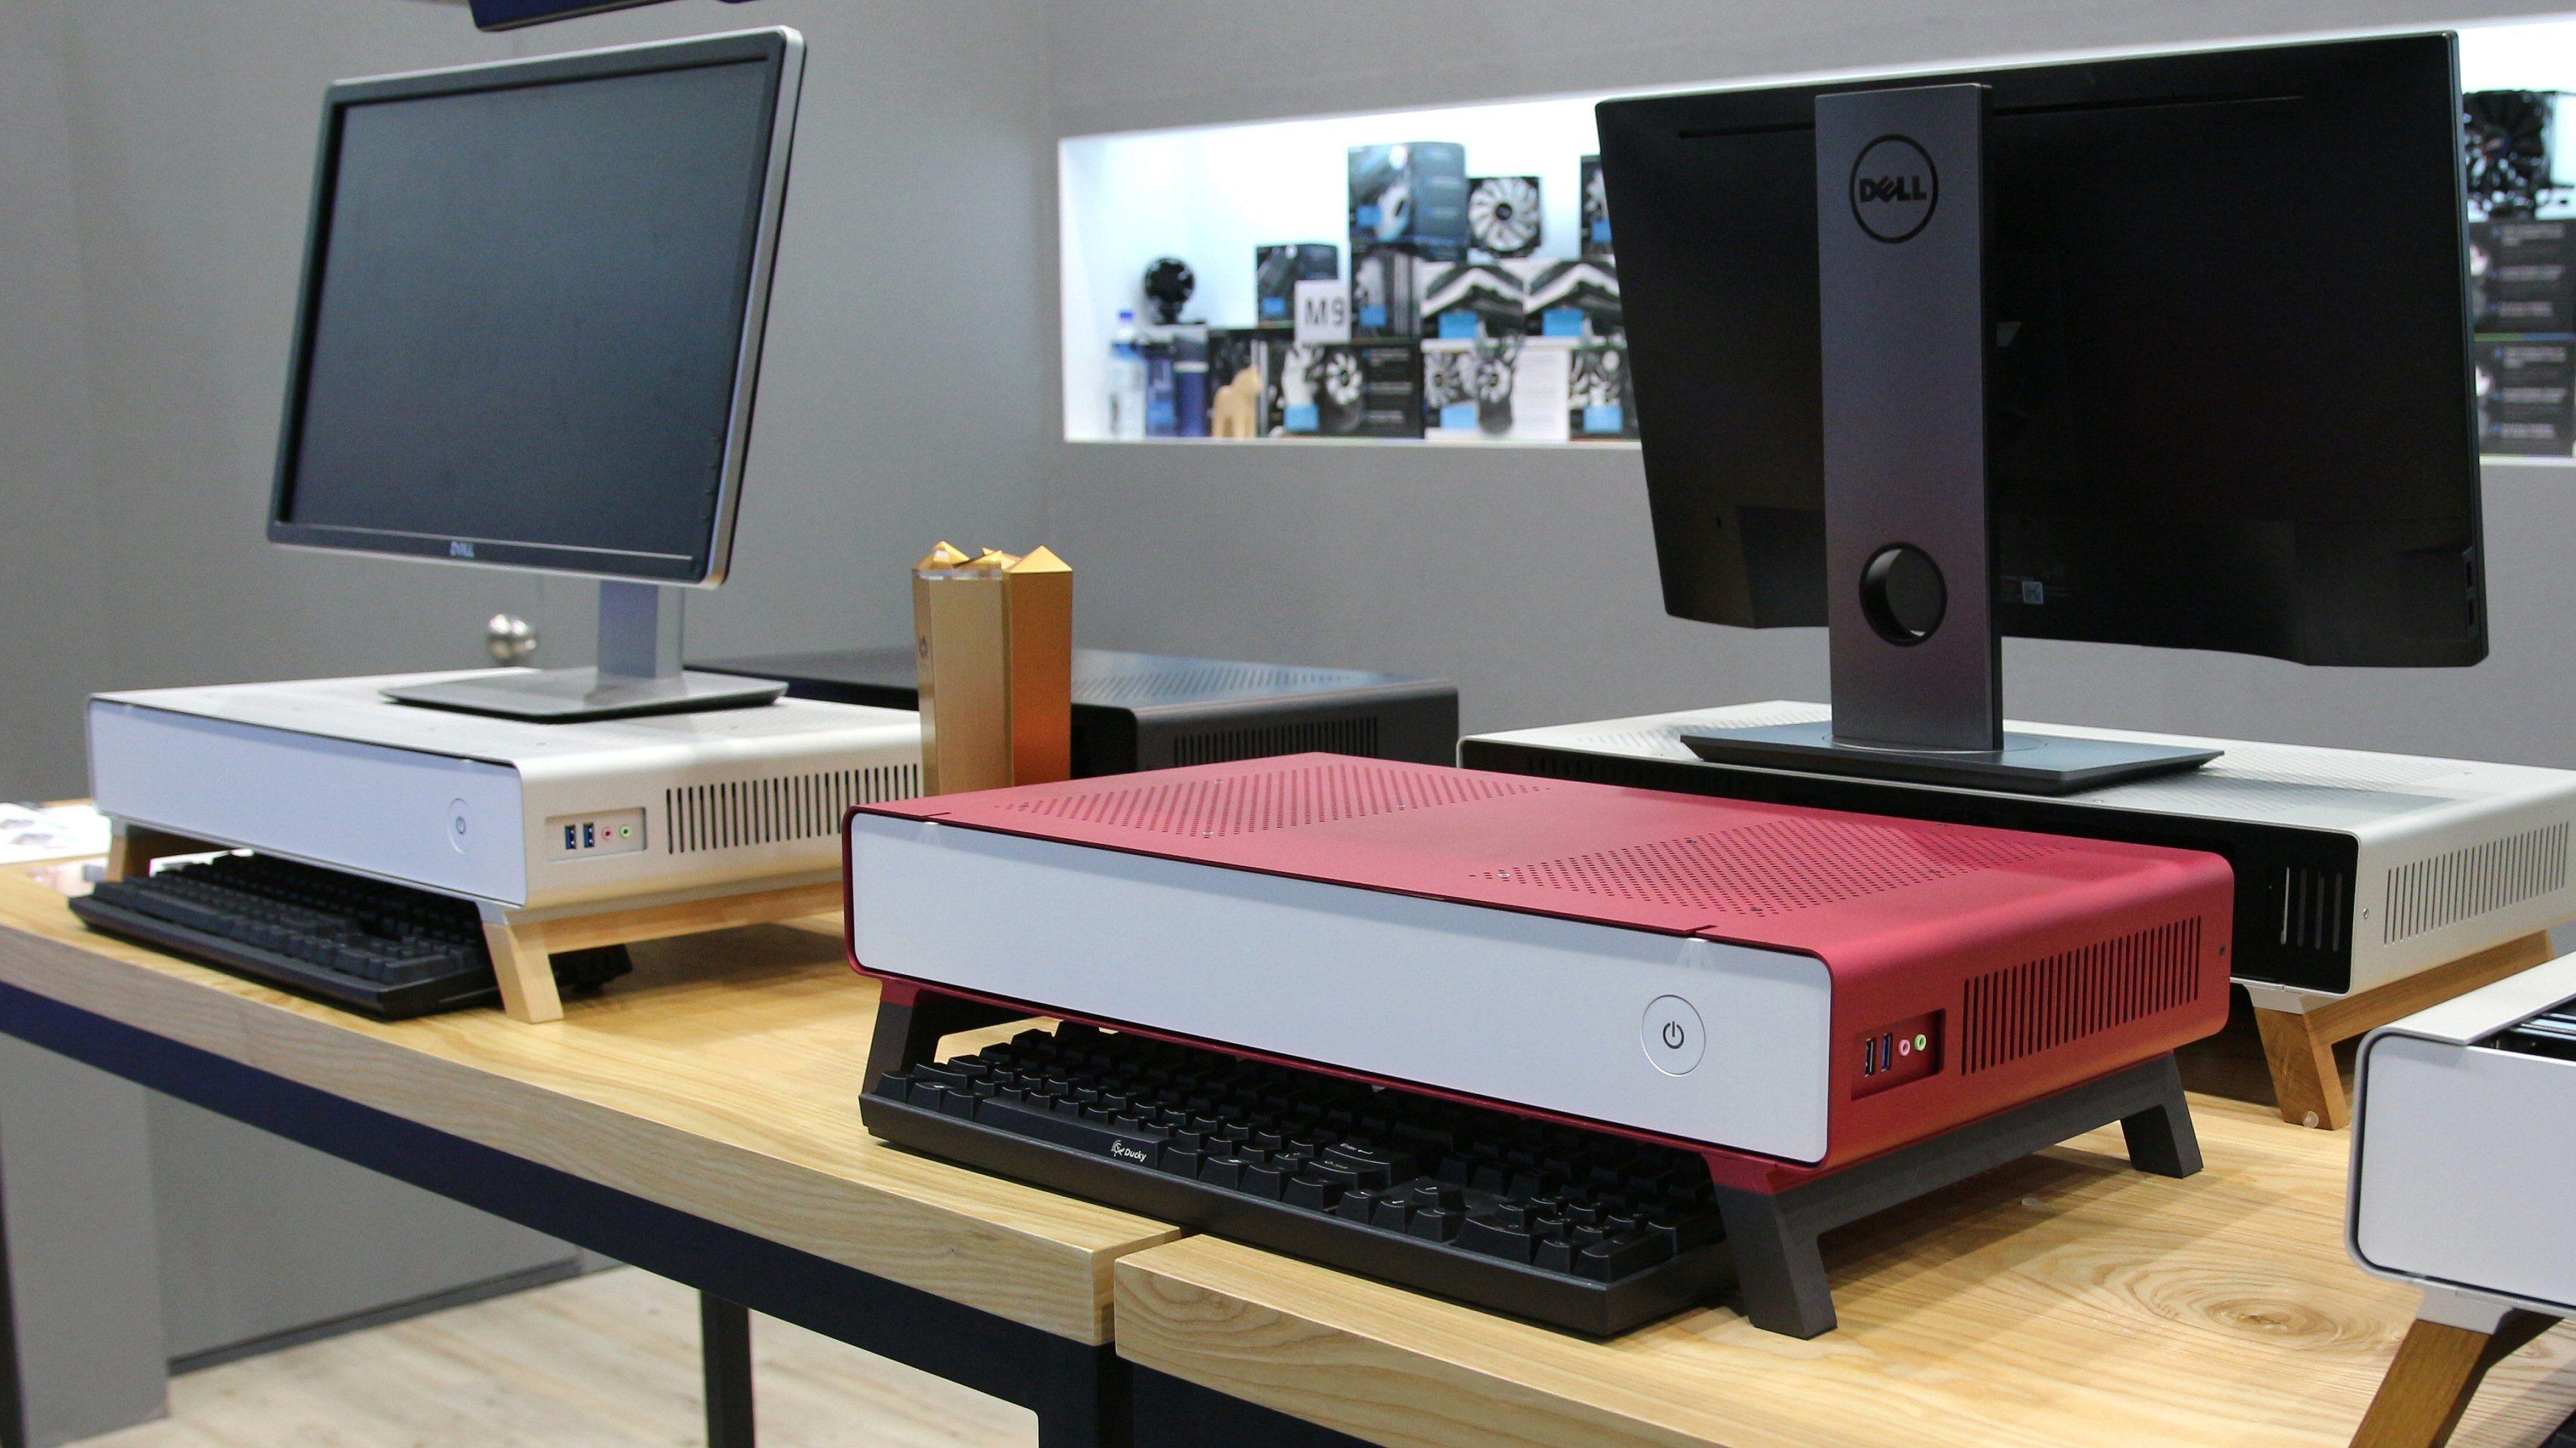 Dette smarte kabinettet lar deg dra ut alle komponentene i én stor skuff